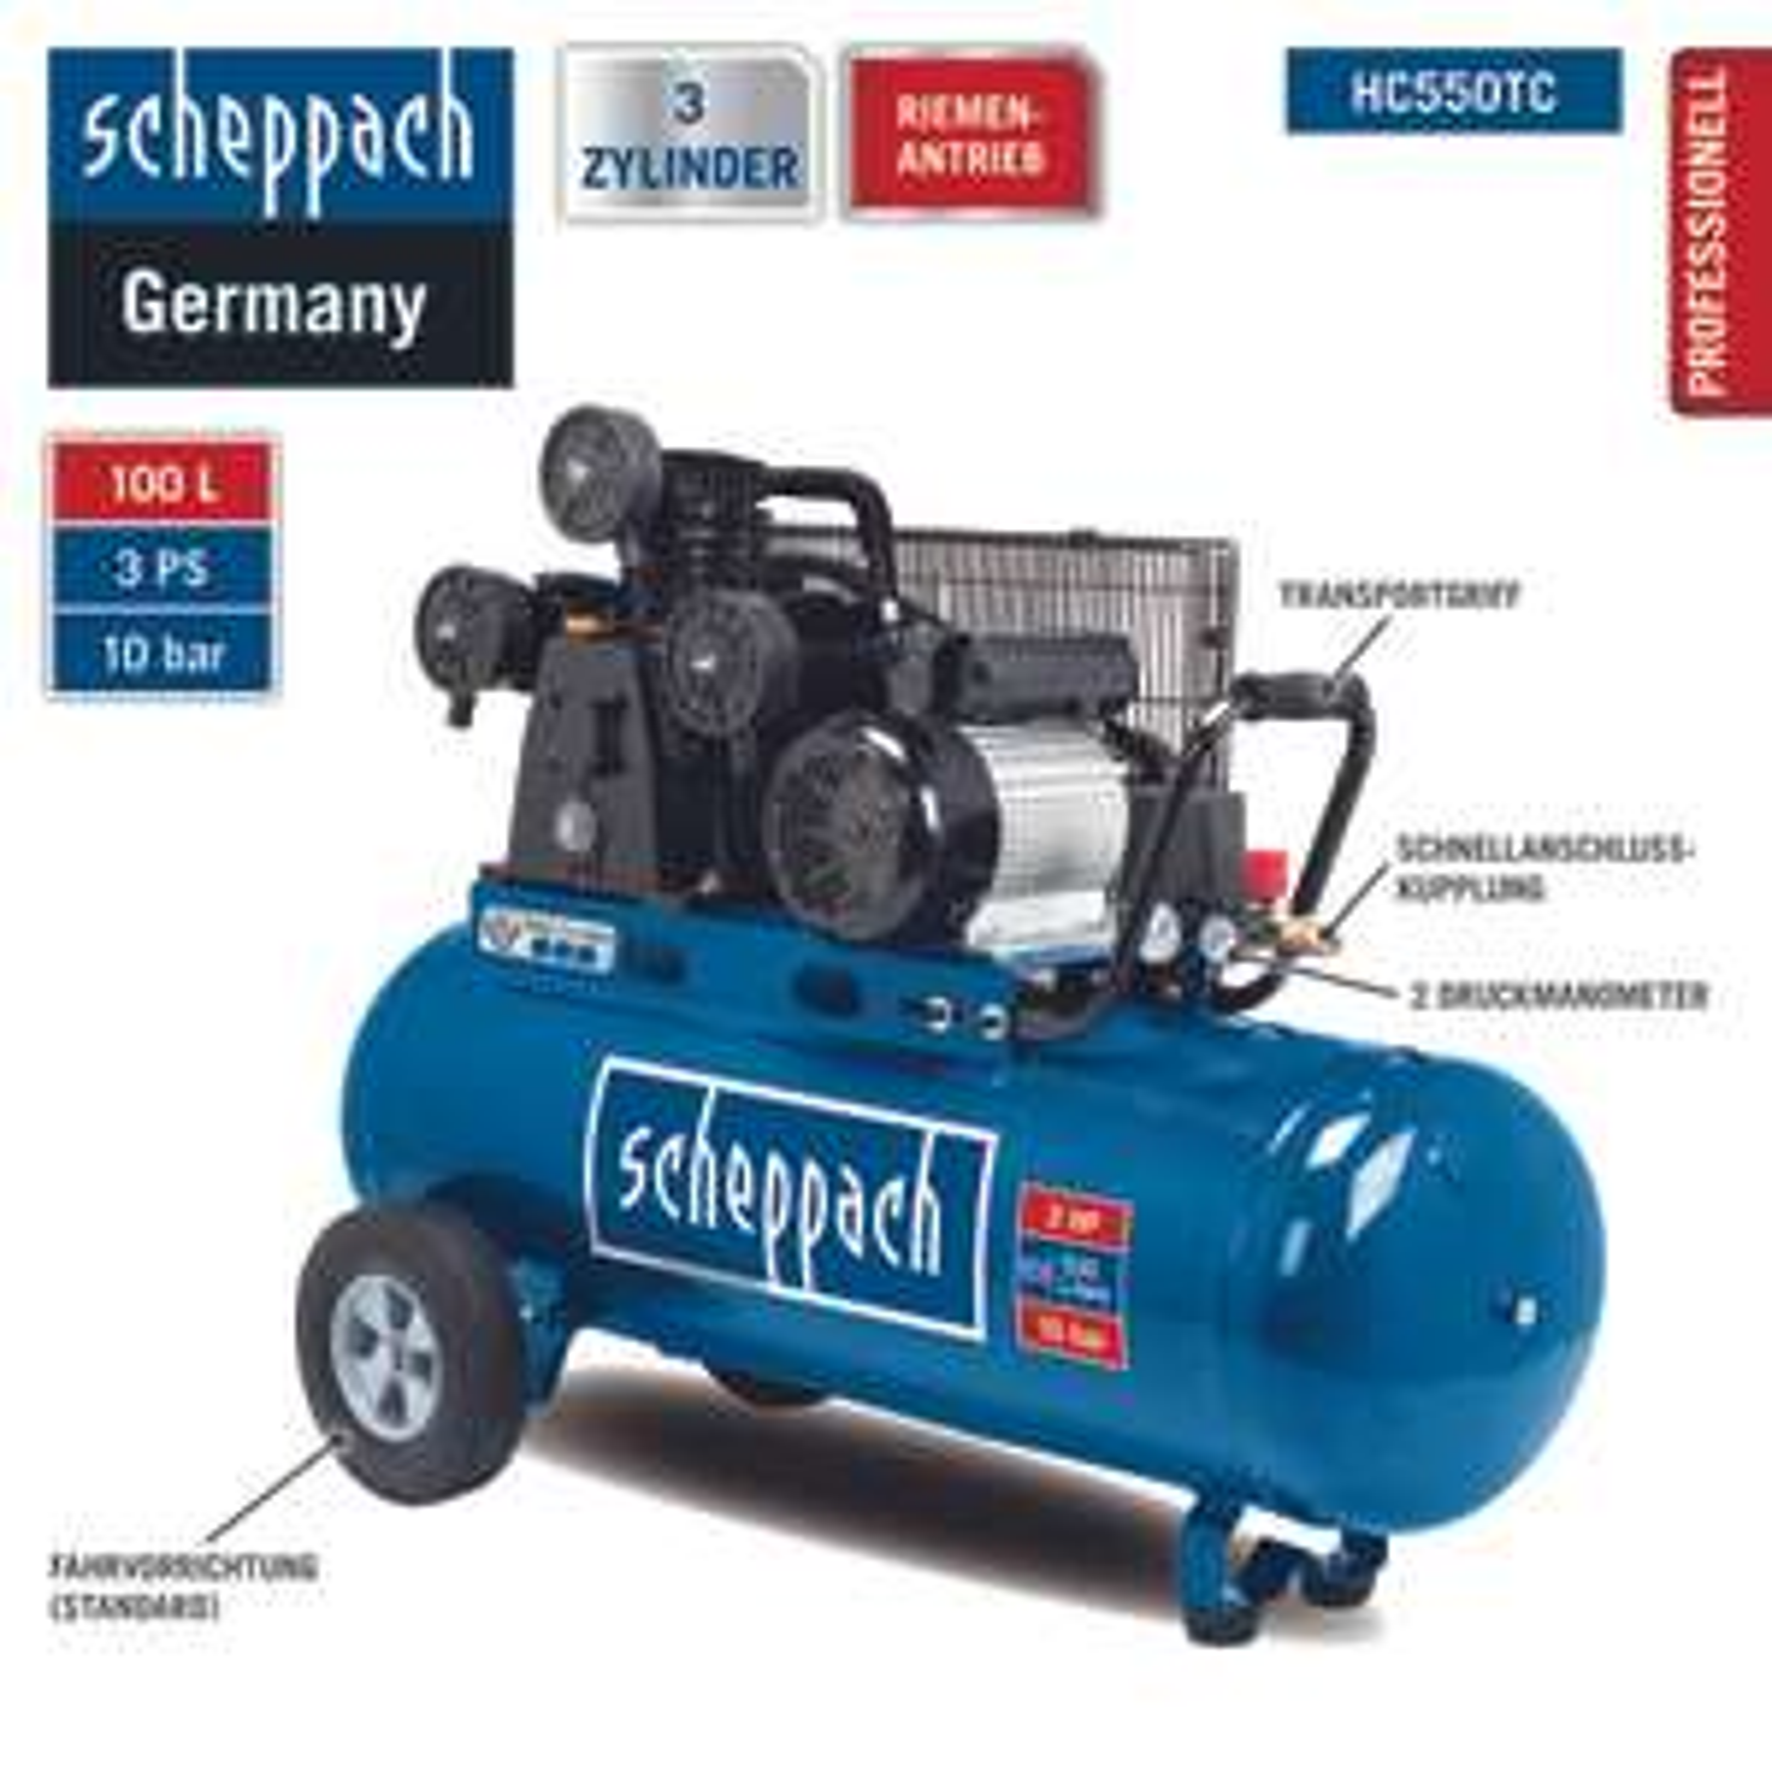 Scheppach Kompressor HC550TC 3-Zylinder Riemenantrieb 100L 3PS für 349,25€ [Norma24]